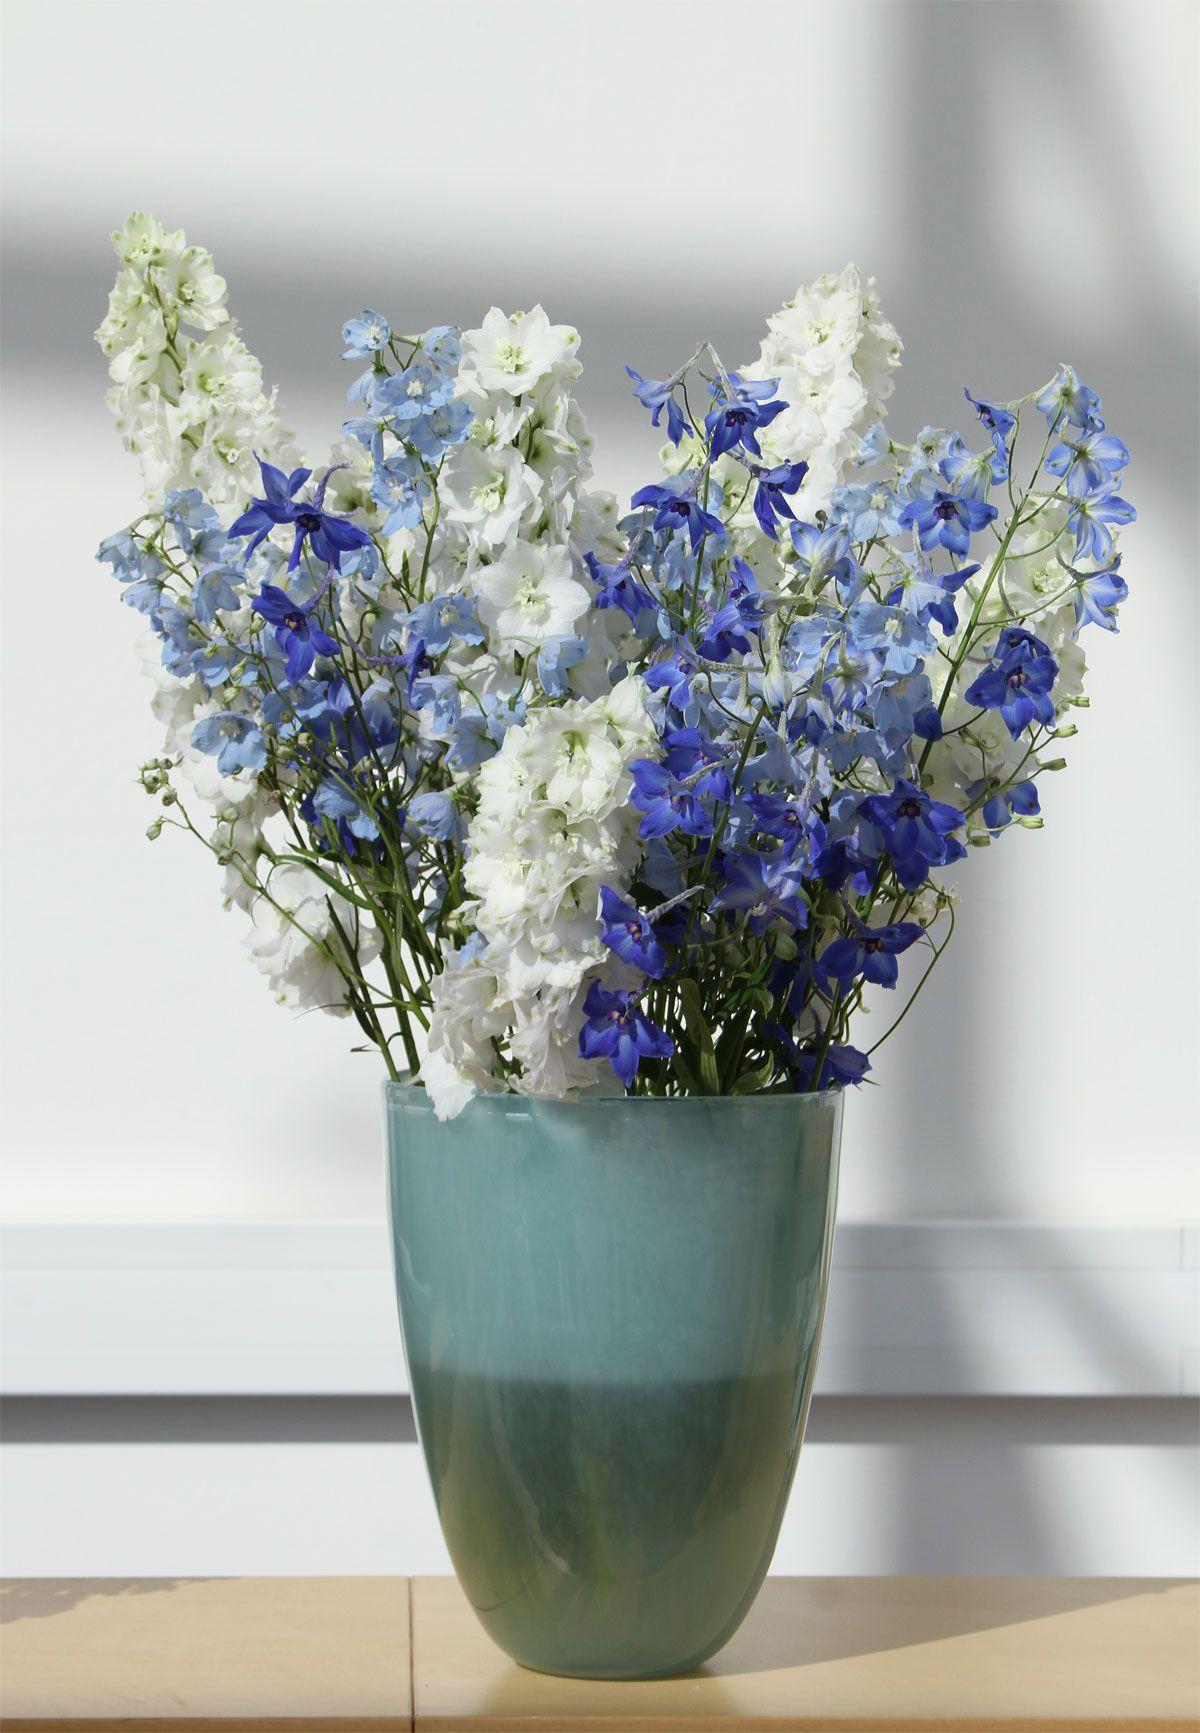 blue flowers in vase of rittersporn weiaŸe und blaue blumen white and blue flowers for rittersporn weiaŸe und blaue blumen white and blue flowers